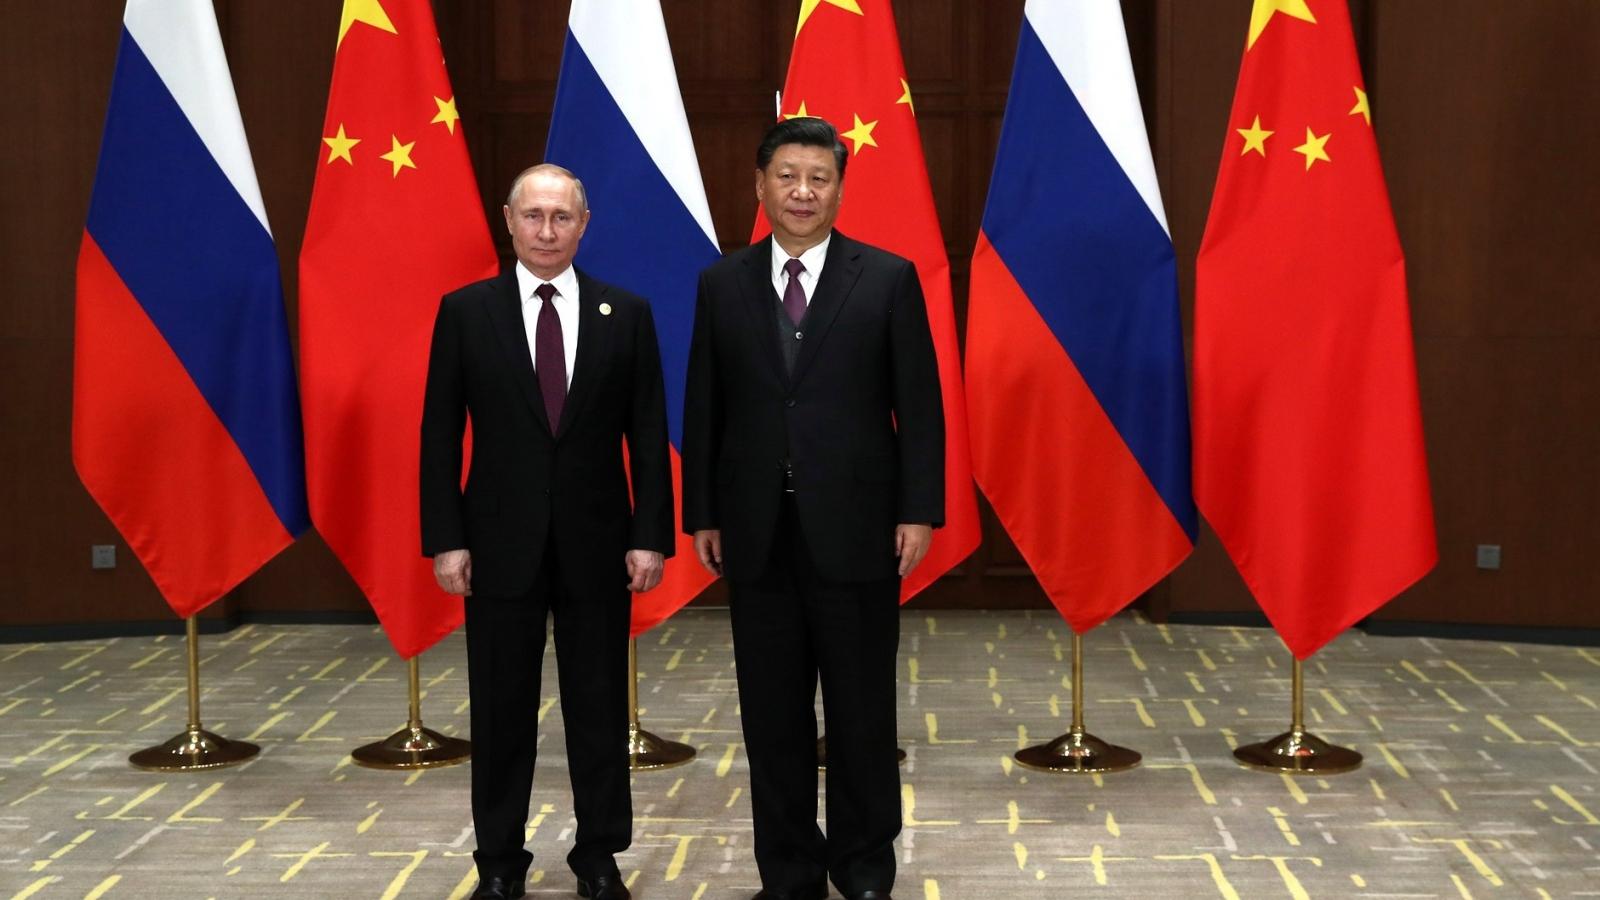 """Ảnh hưởng ở Trung Á bị lu mờ, Nga """"bằng mặt nhưng không bằng lòng"""" với Trung Quốc?"""